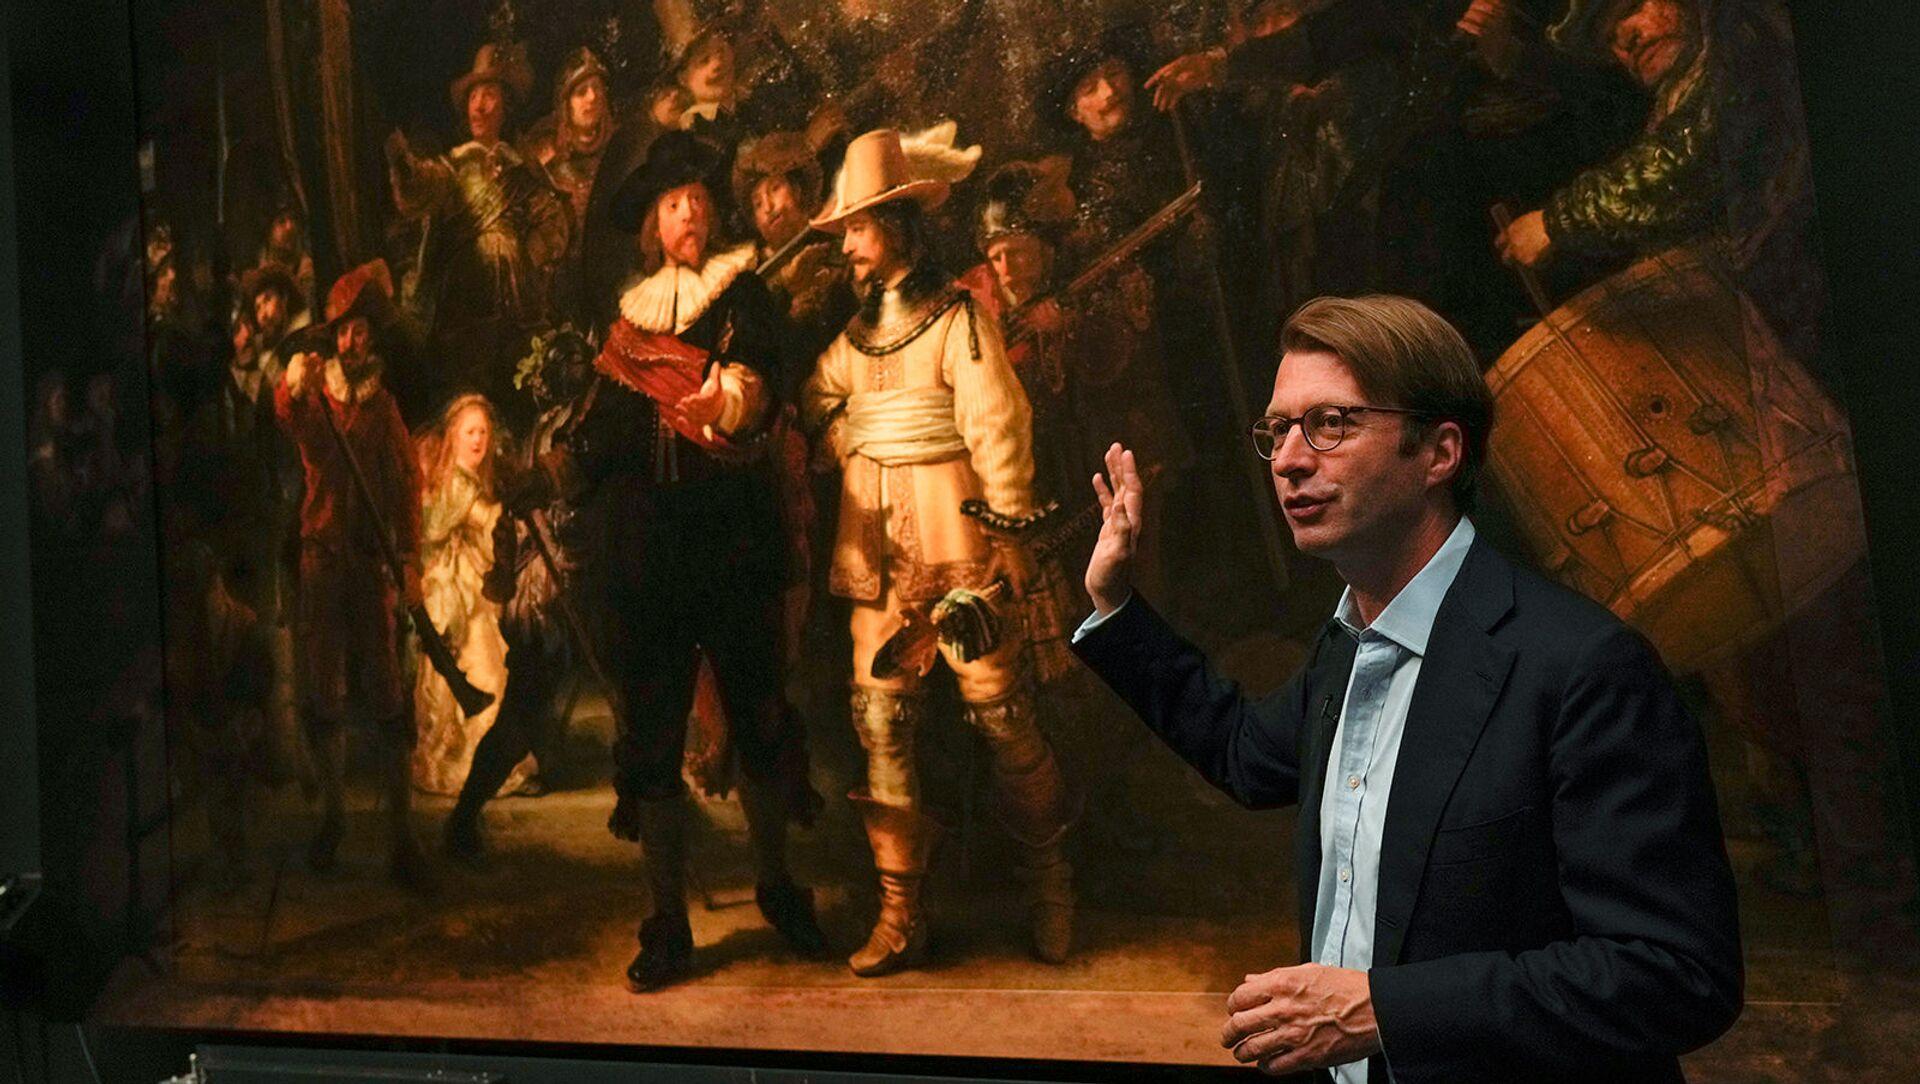 Директор музея Тако Диббитс объясняет, как самая большая картина Рембрандта Ночной дозор стала больше с помощью искусственного интеллекта (23 июня 2021). Амстердам - Sputnik Армения, 1920, 24.06.2021